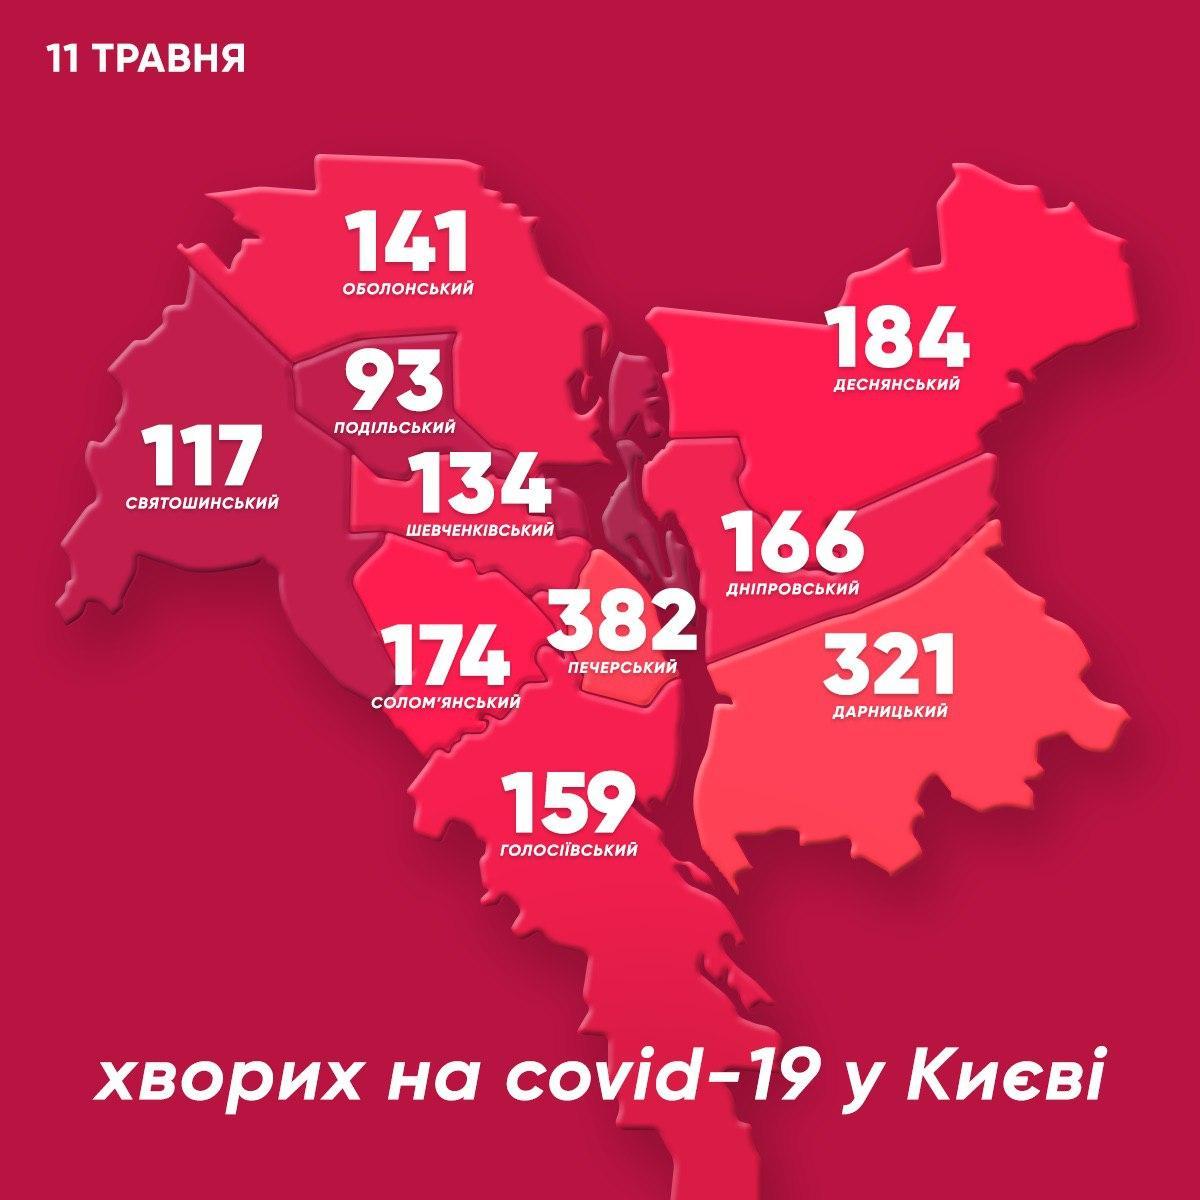 Кличко предупредил о возможности усиления карантина в Киеве